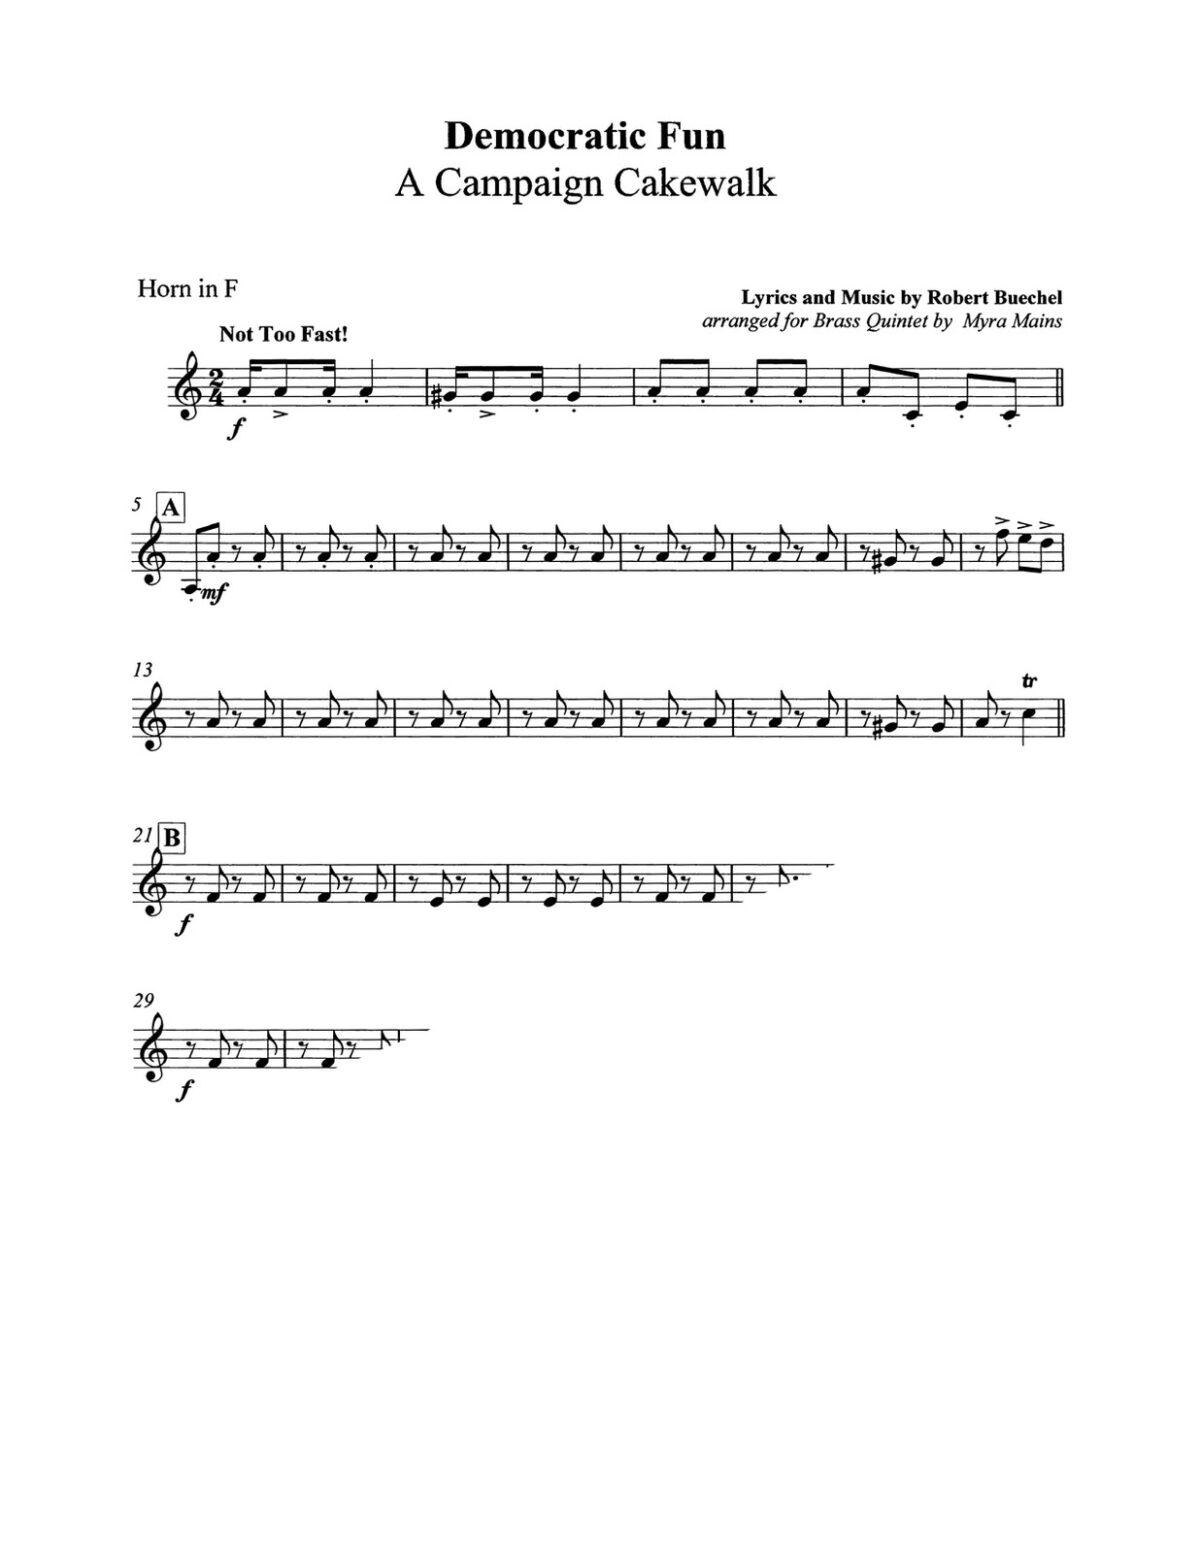 Buechel arr Mains, Democratic Fun A Campaign Cakewalk brass quintet-p7-p1